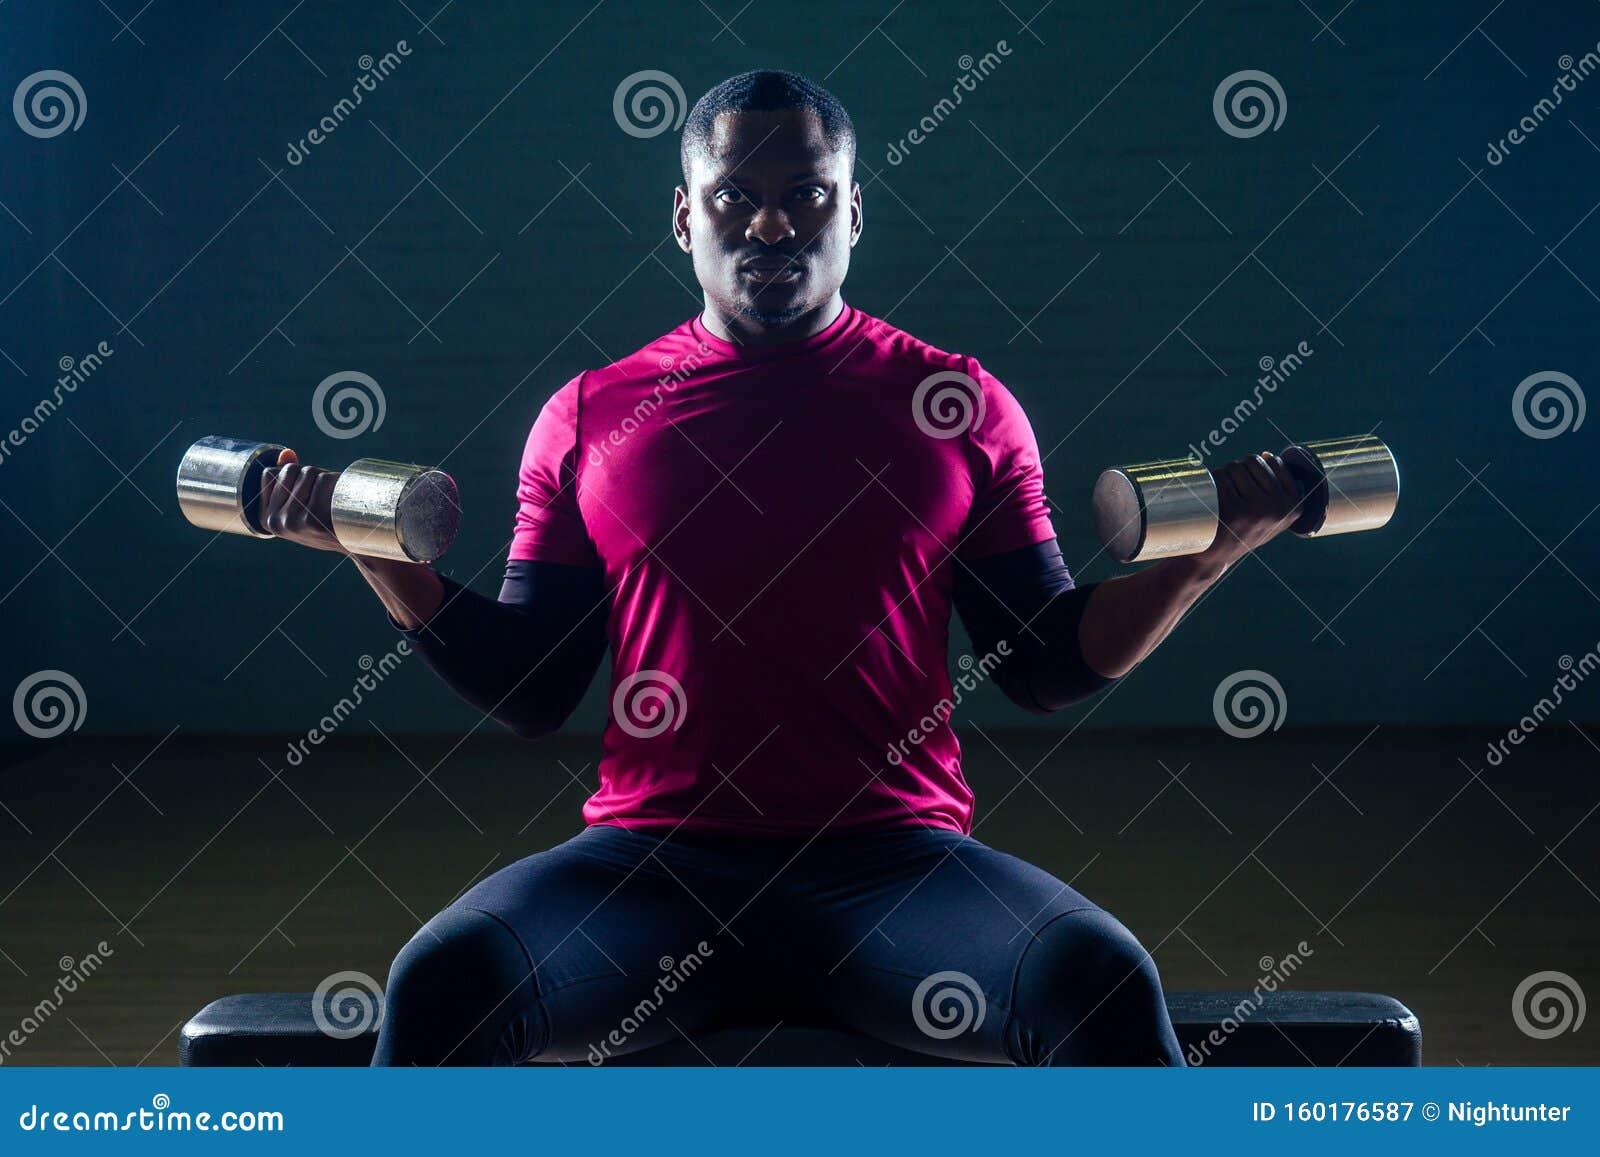 Un Americain Africain Muscle Qui Fait Des Exercices De Musculation Avec Halteres Dans La Salle De Gym Sur Fond Noir Image Stock Image Du Dans Fond 160176587